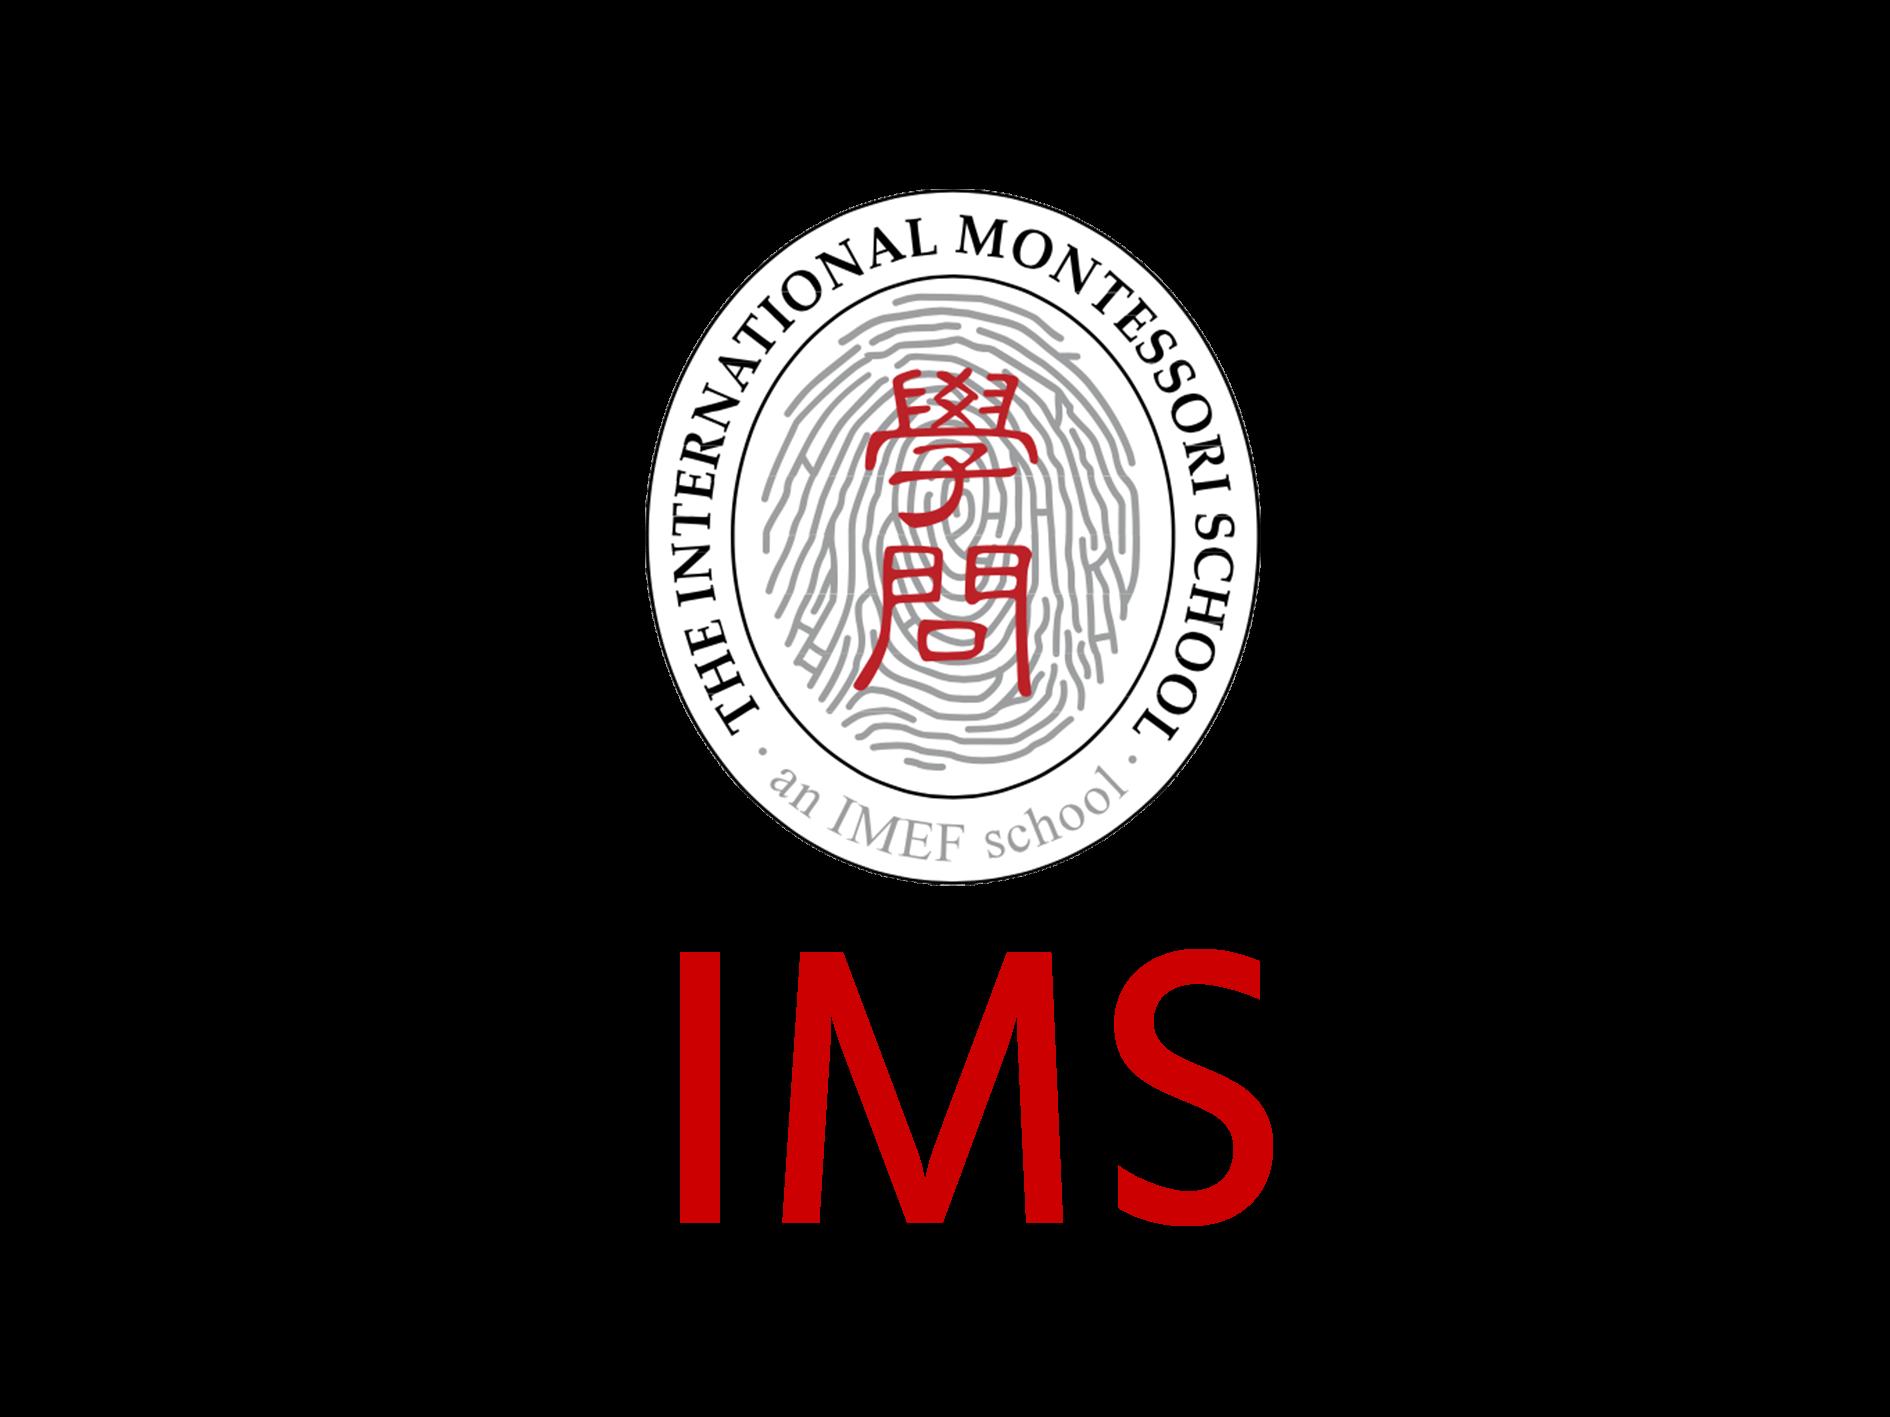 蒙特梭利國際學校(上環)校徽